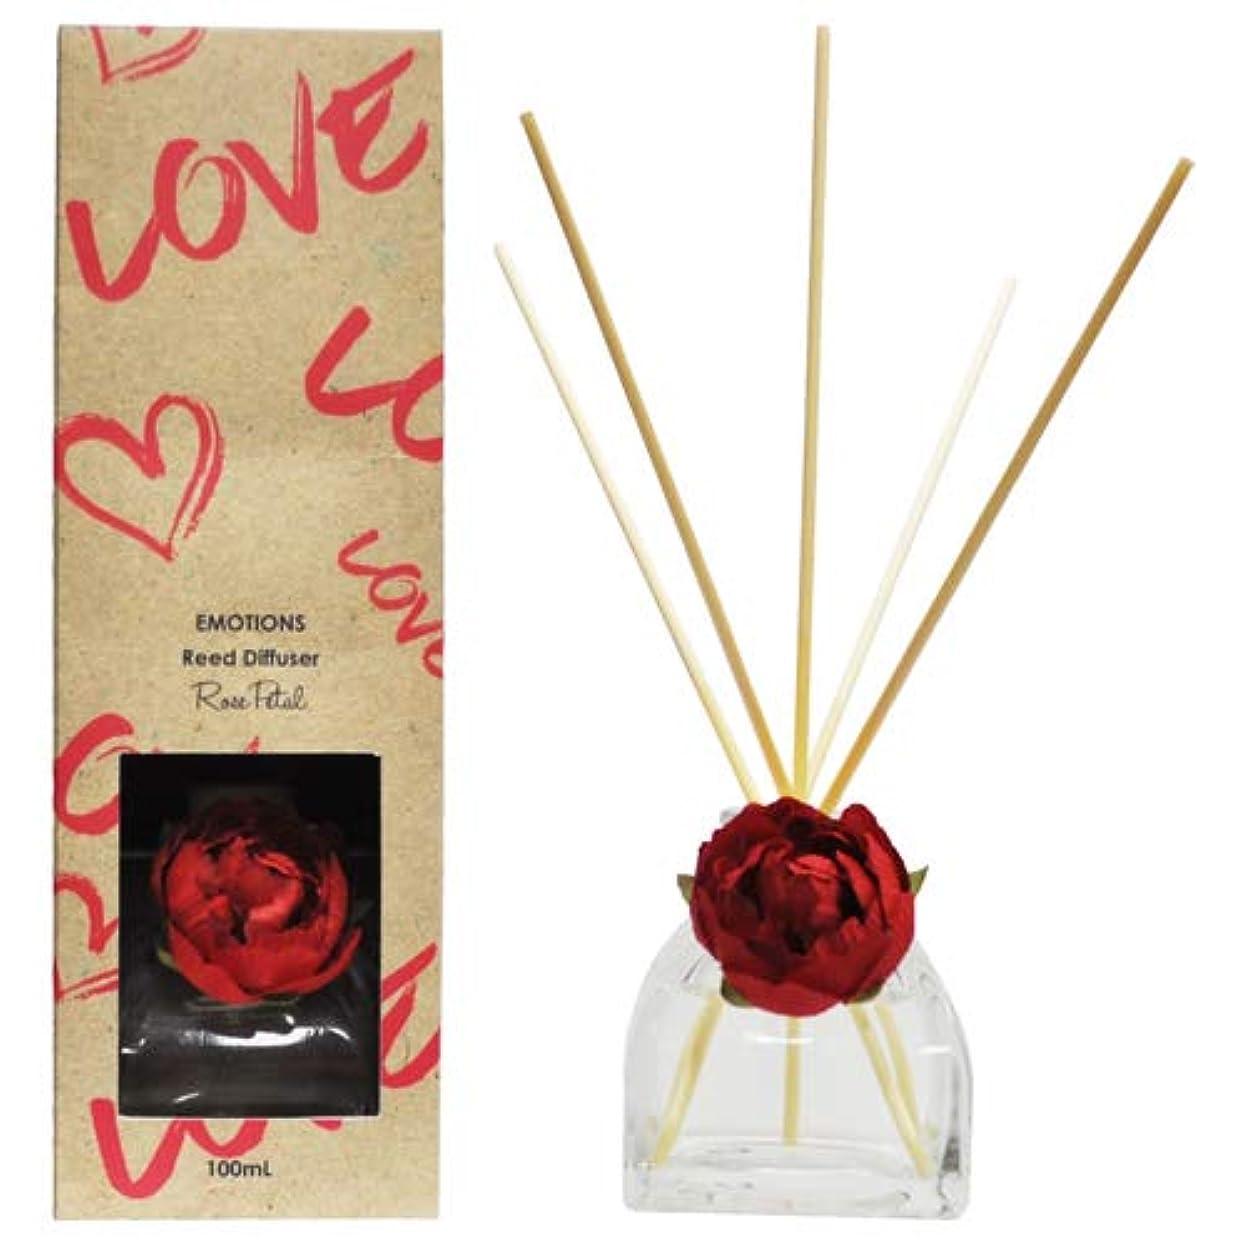 またね遡る効果的三和トレーディング EMOTIONS エモーション Fibre Reed Diffuser リードディフューザー Love ラブ(Rose Petal ローズペタル)